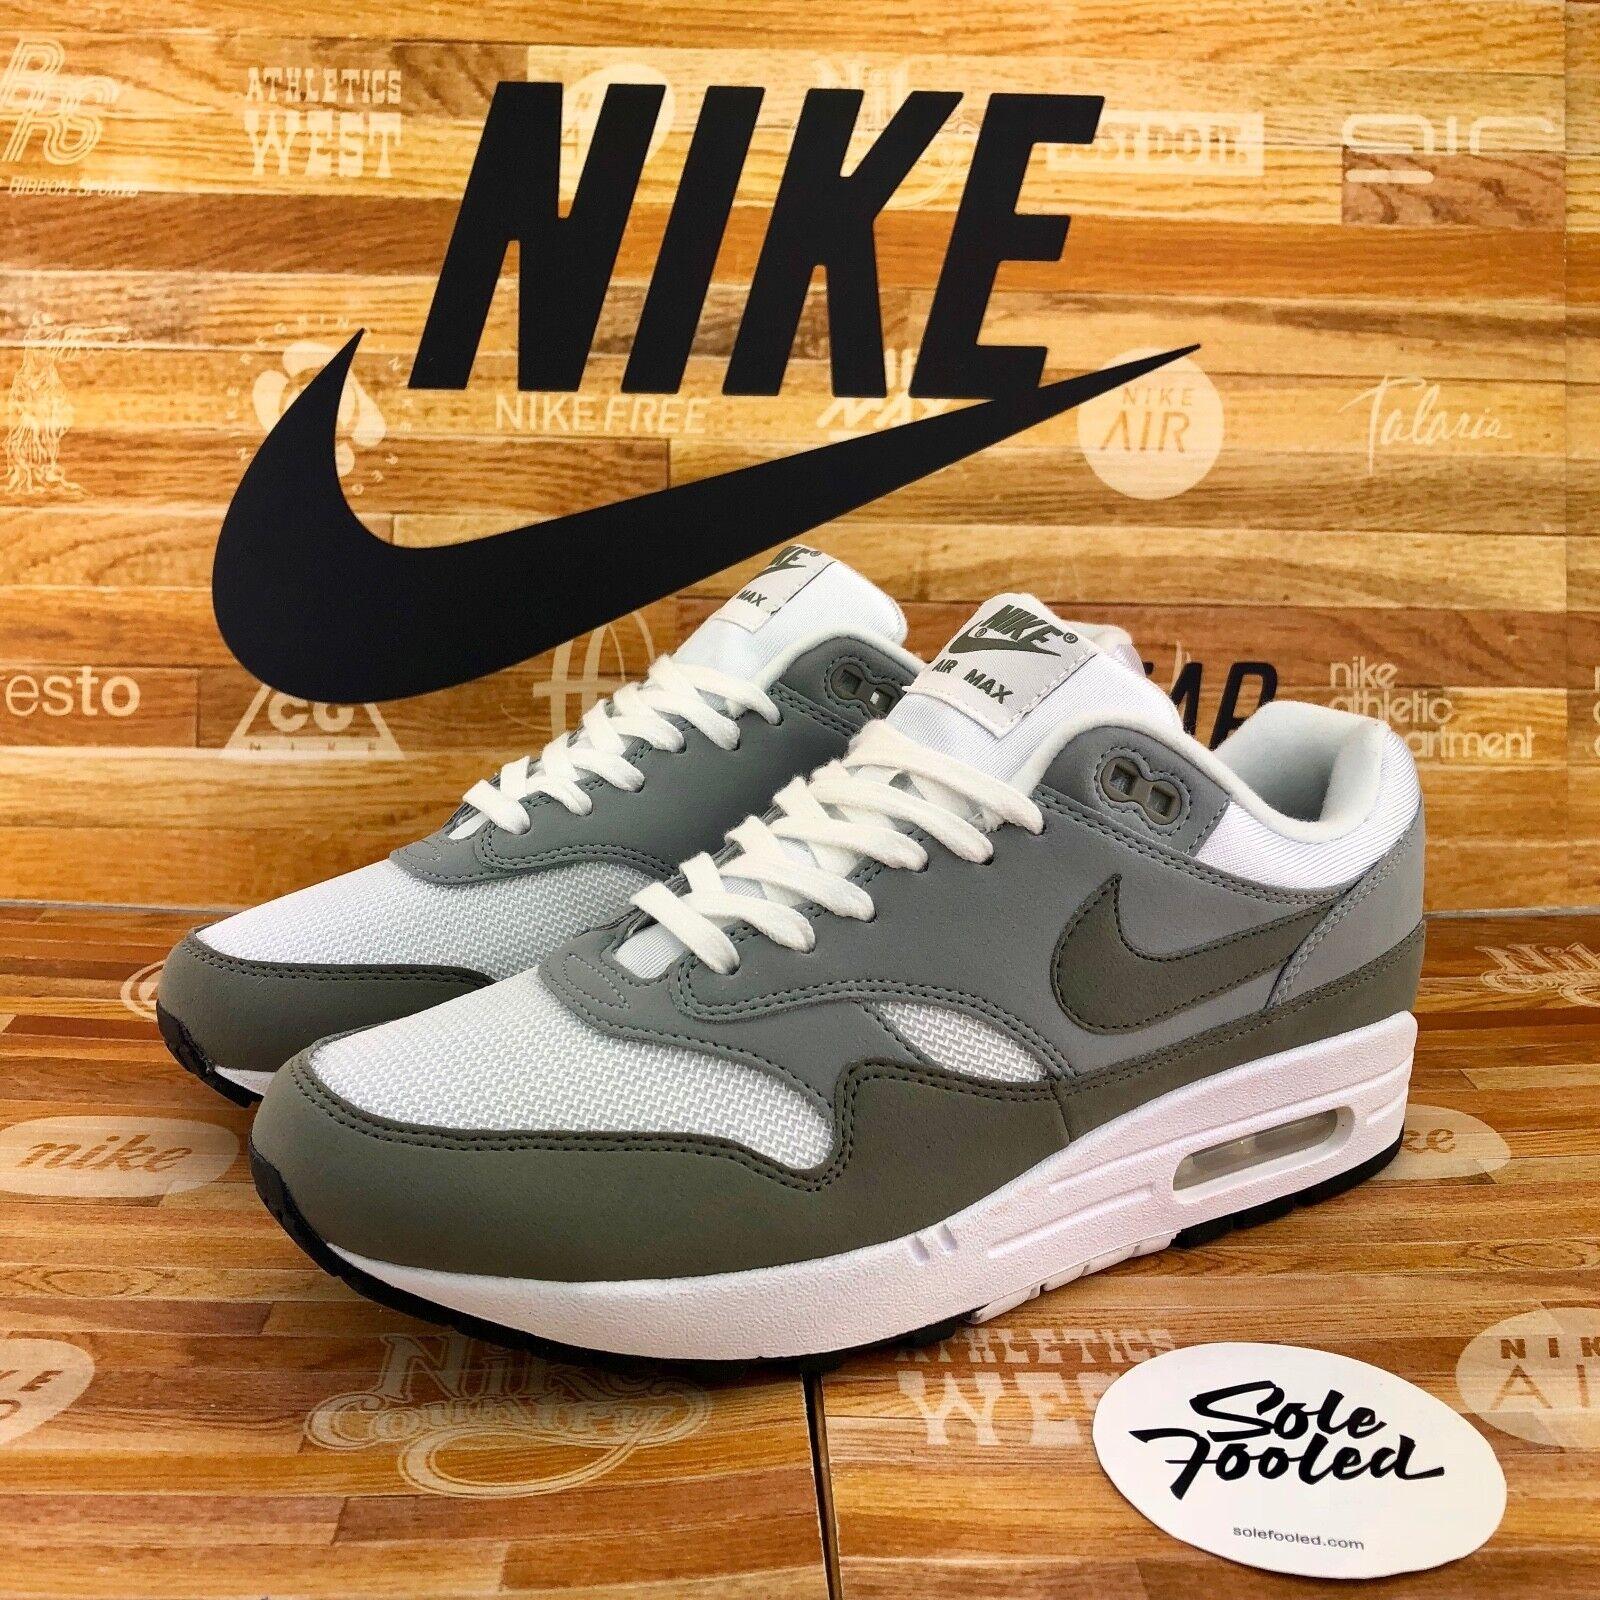 Nike WMNS Air Max 1 319986-105 US 6 EU 36.5 OG BW 90 93 95 97 98 270 720 Anniv.